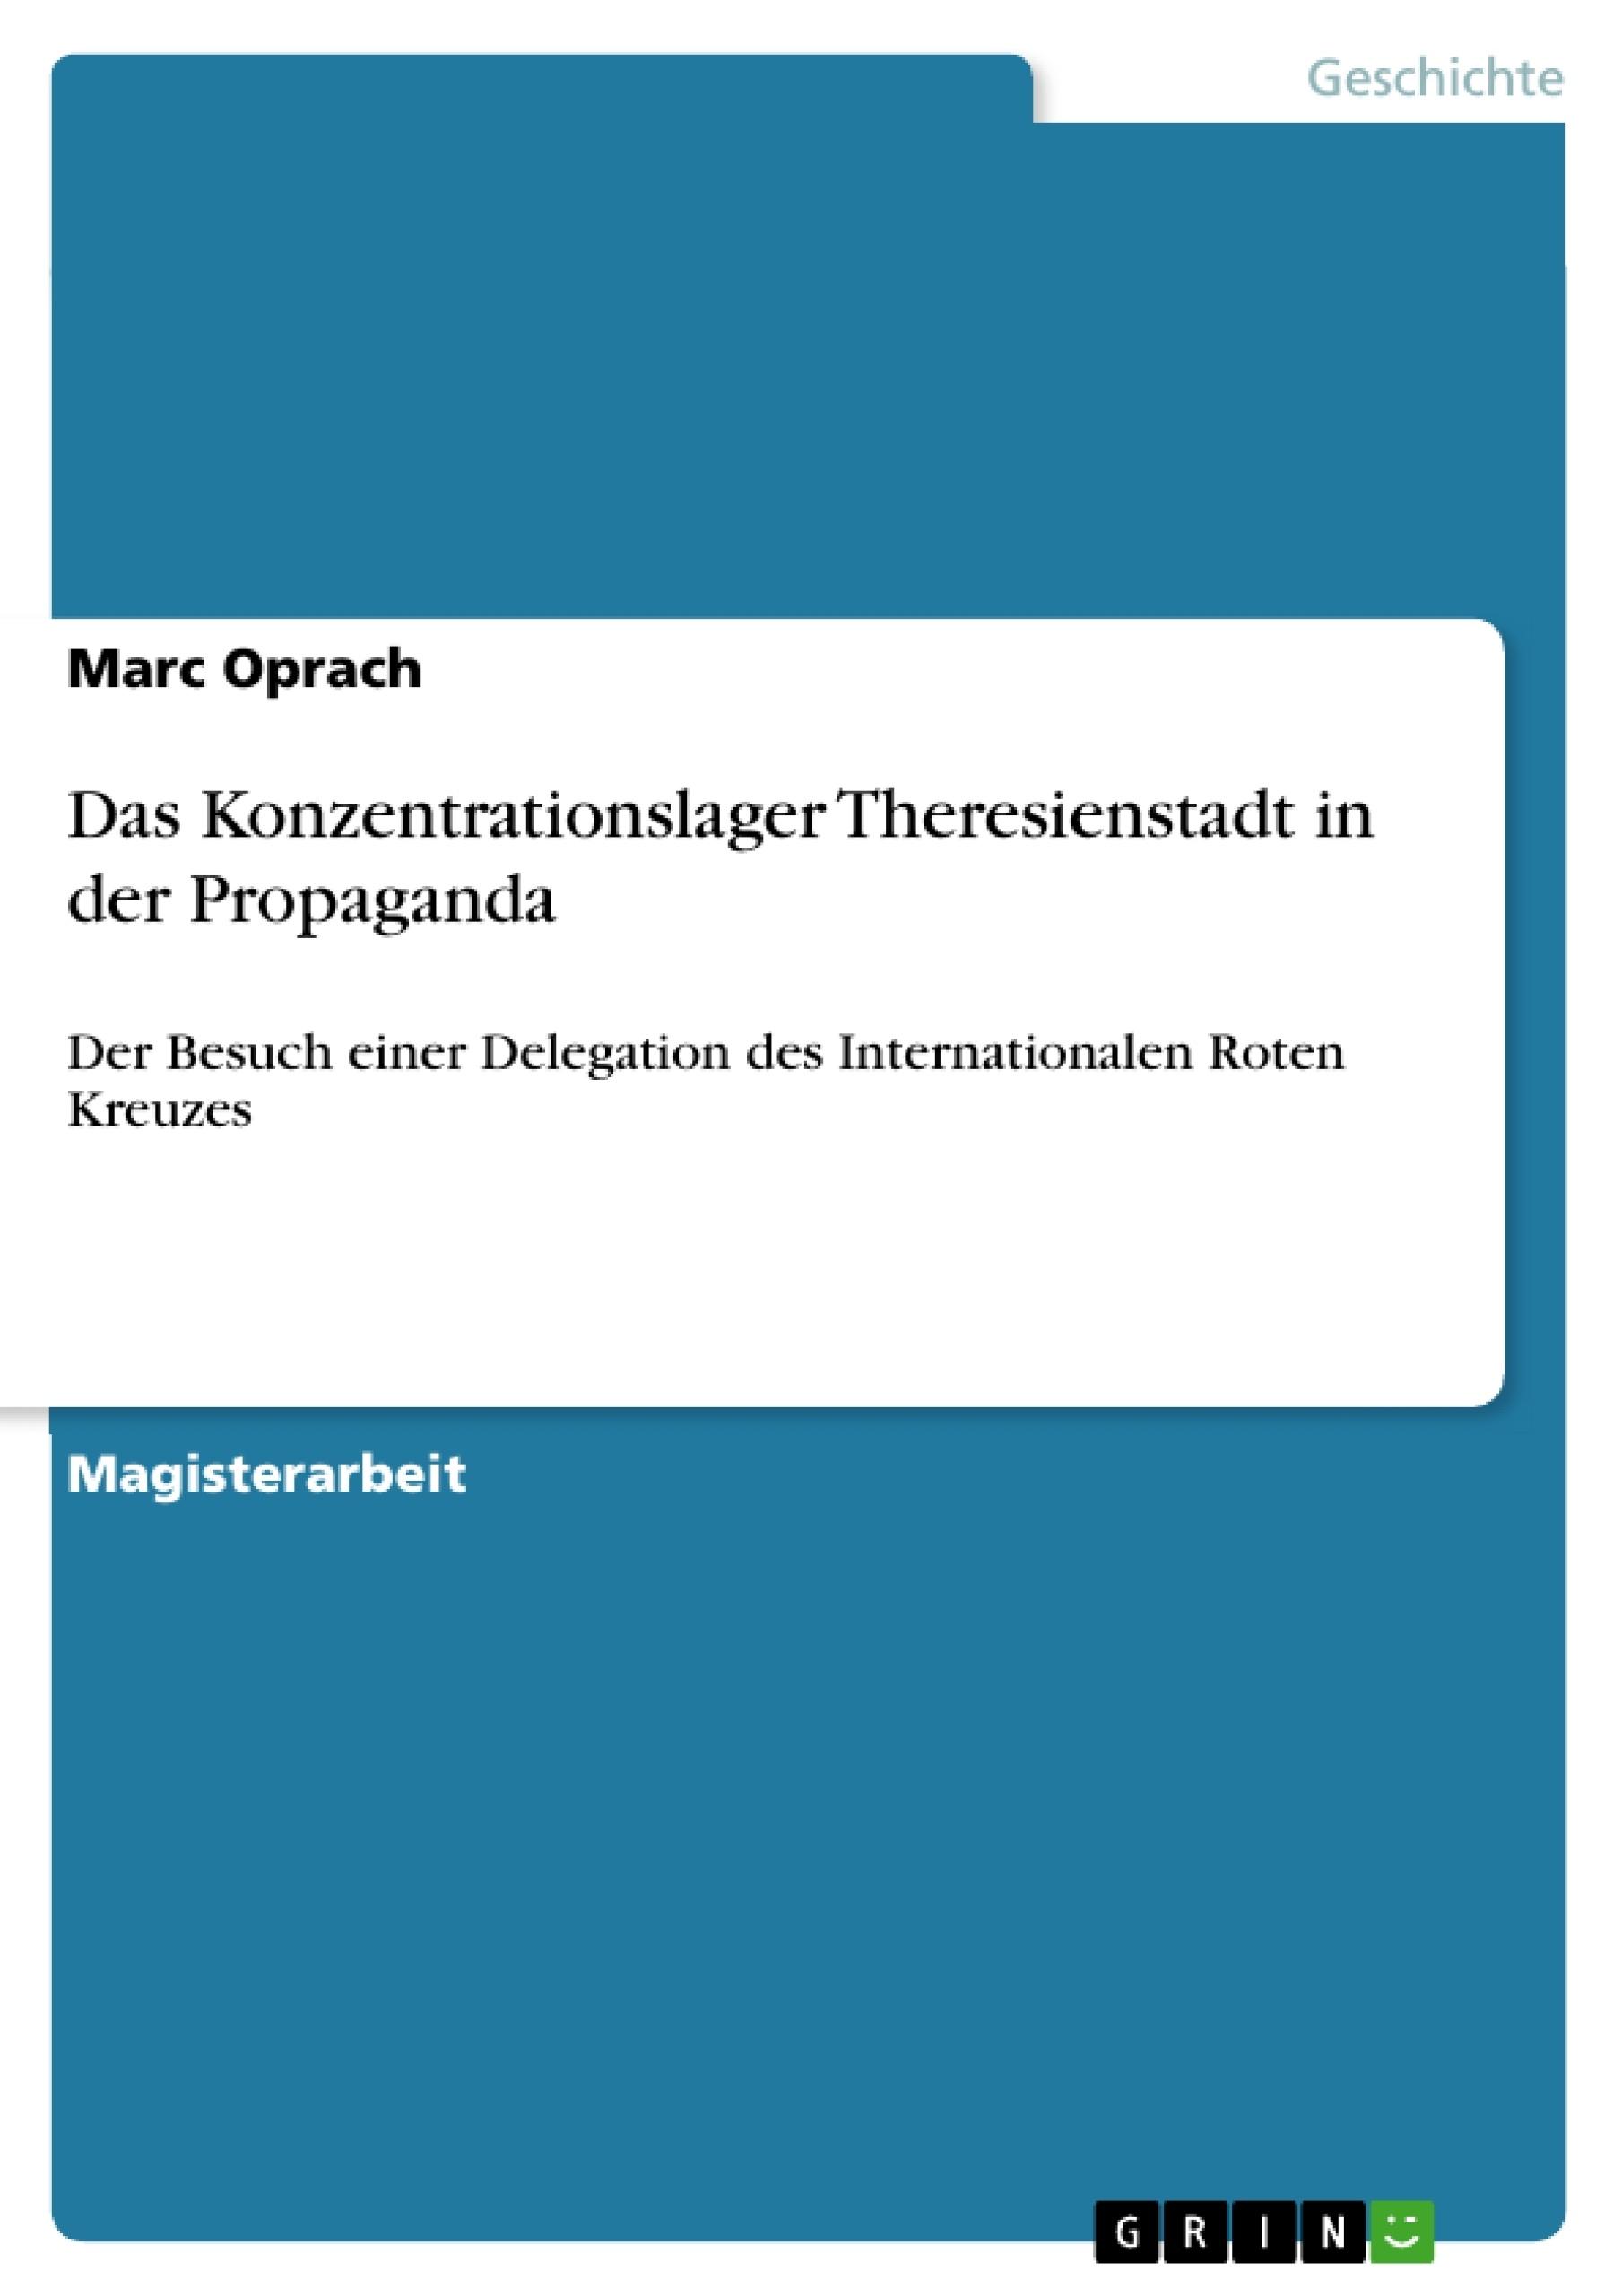 Titel: Das Konzentrationslager Theresienstadt in der Propaganda